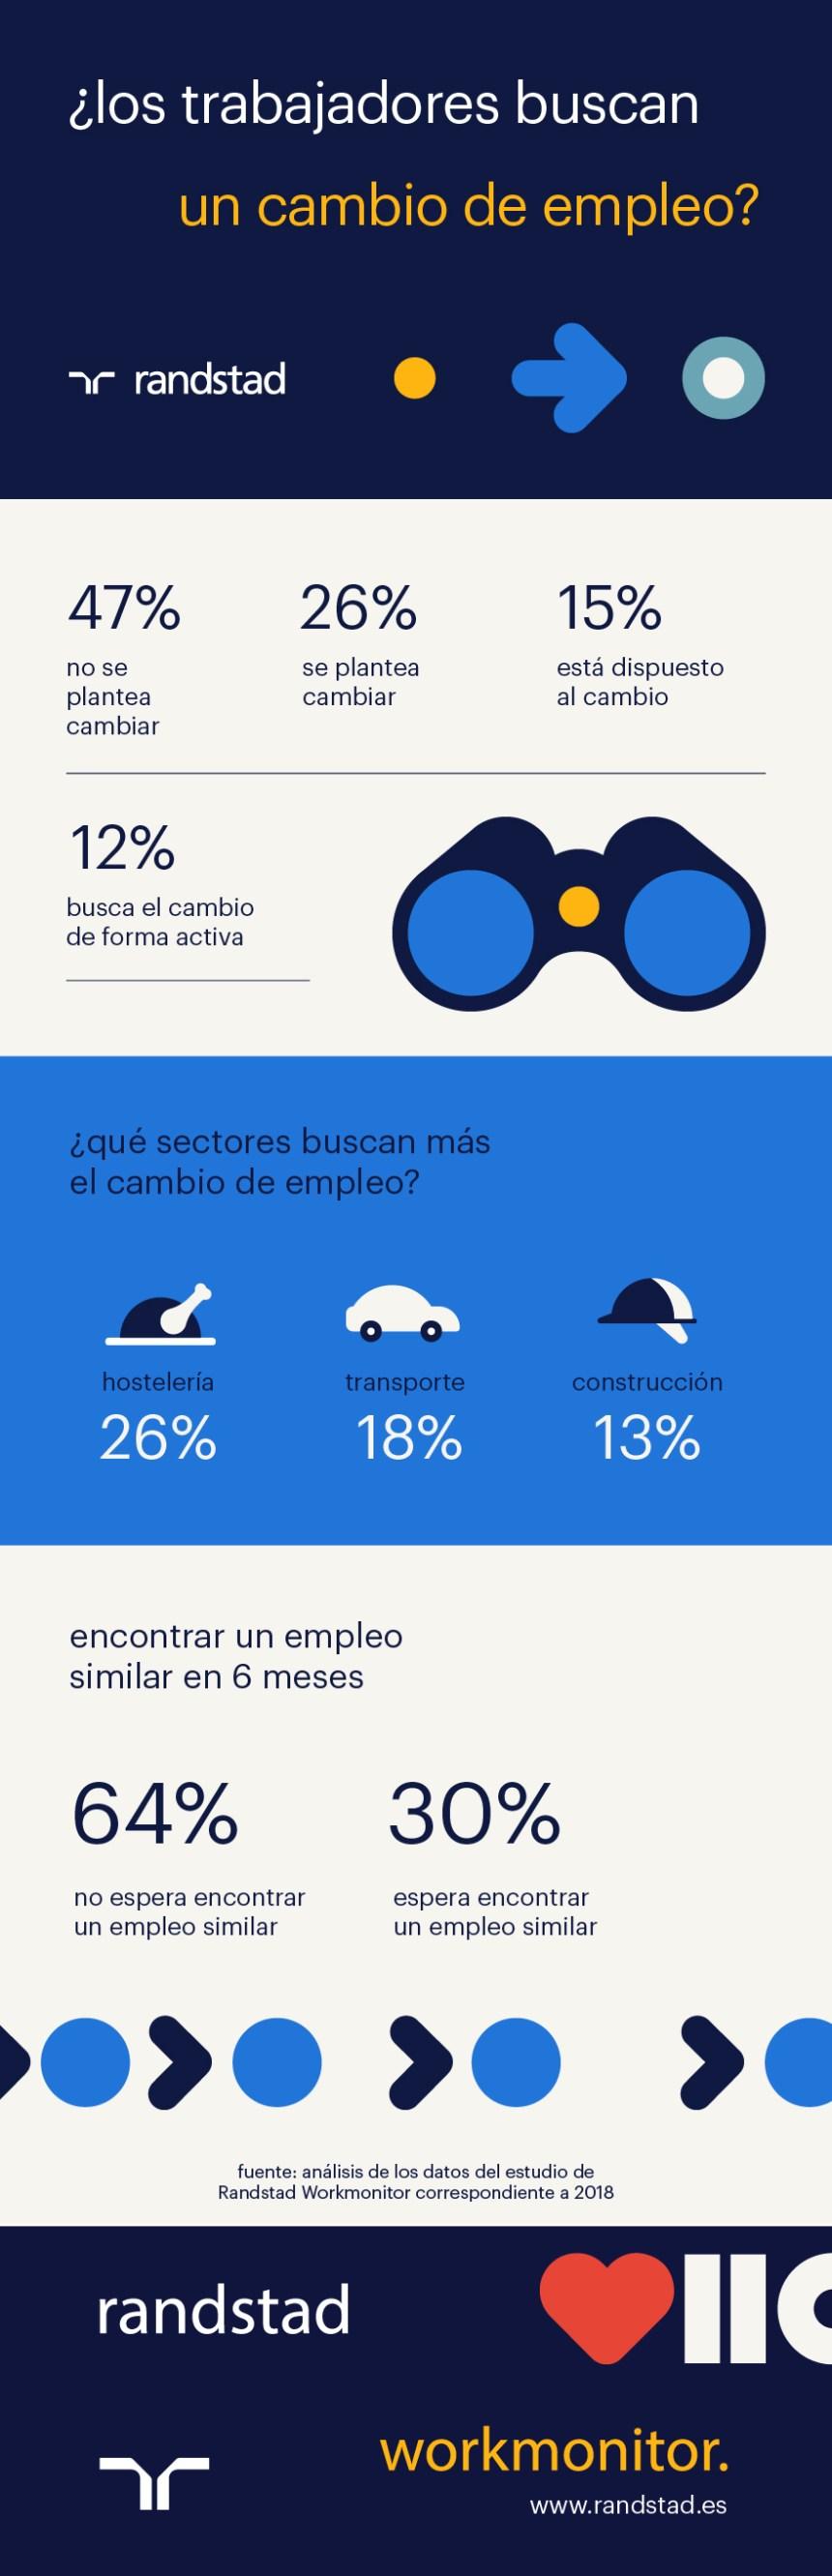 ¿Buscan los trabajadores un cambio de empleo? #infografia #infographic #rrhh #empleo